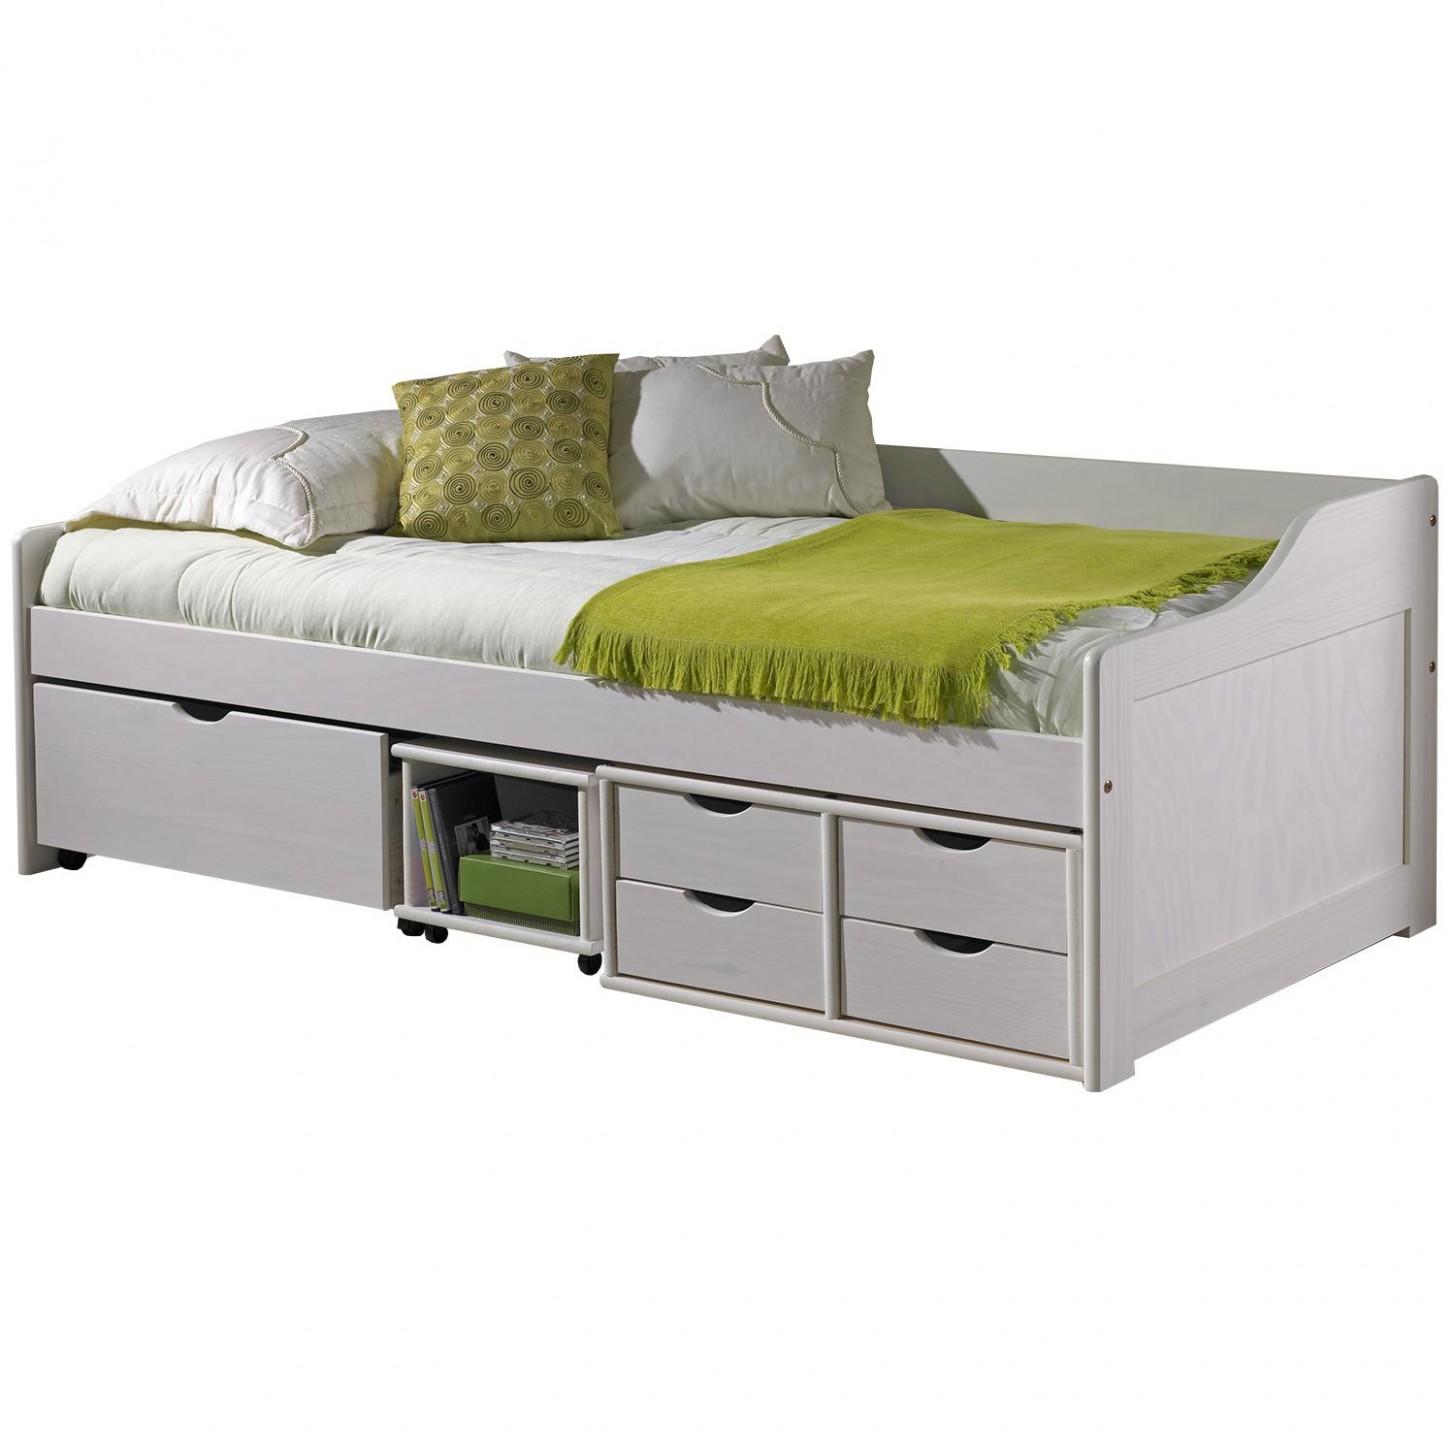 Nejnovejší 22 z postele 90X200 s úložným prostorem